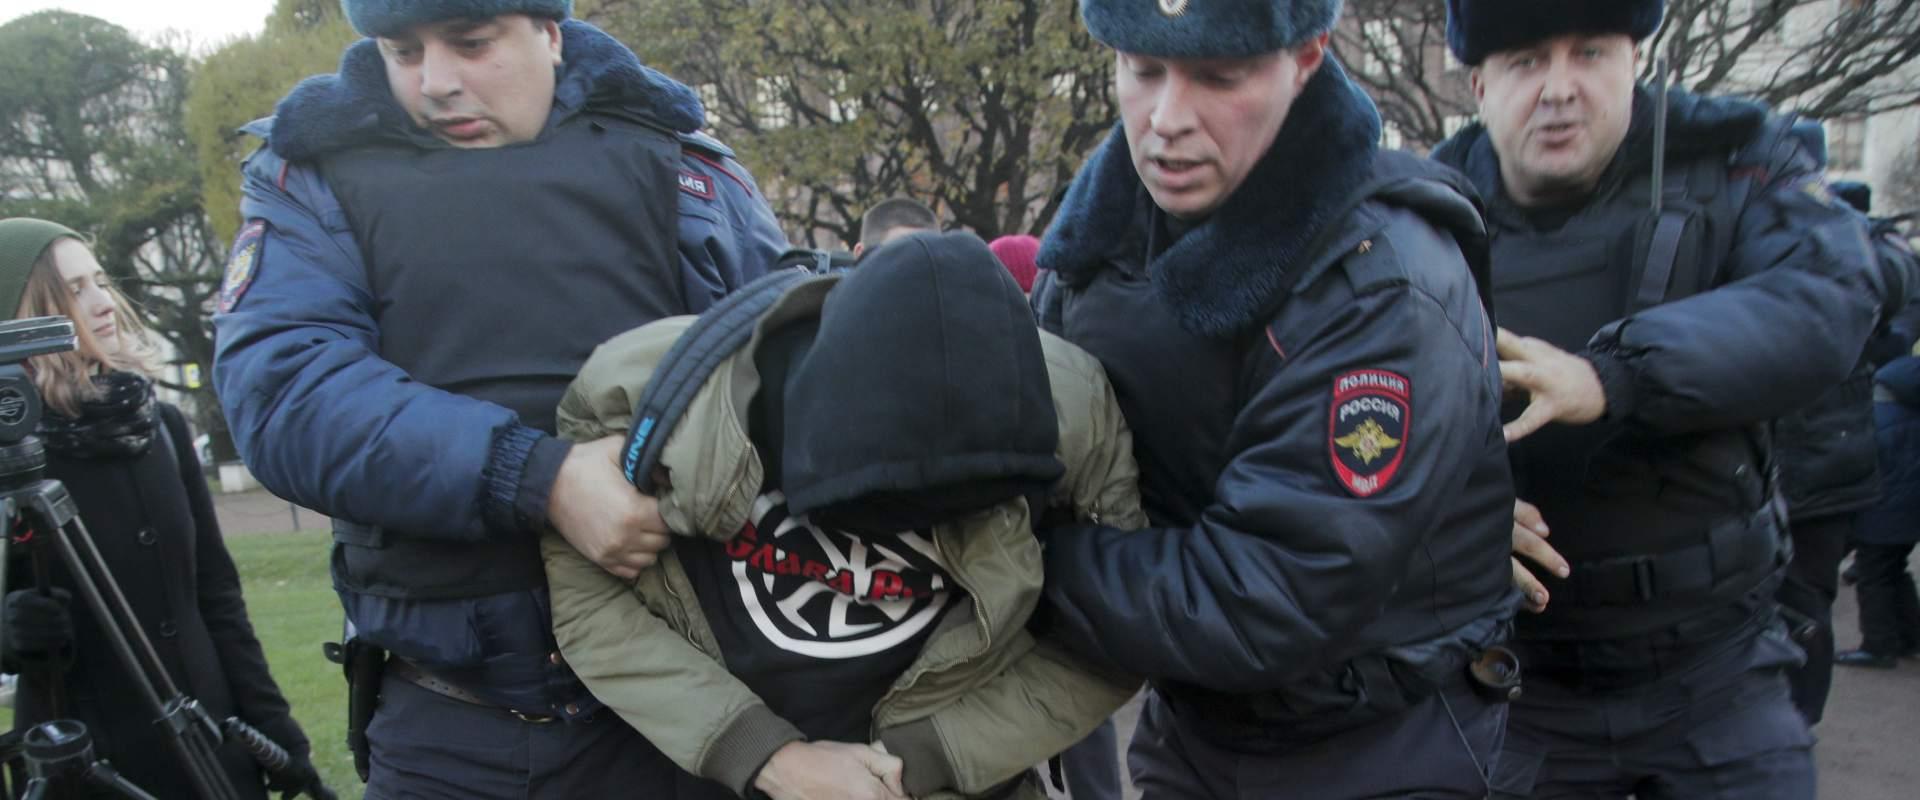 מעצר מפגין בסנקט פטרסבורג